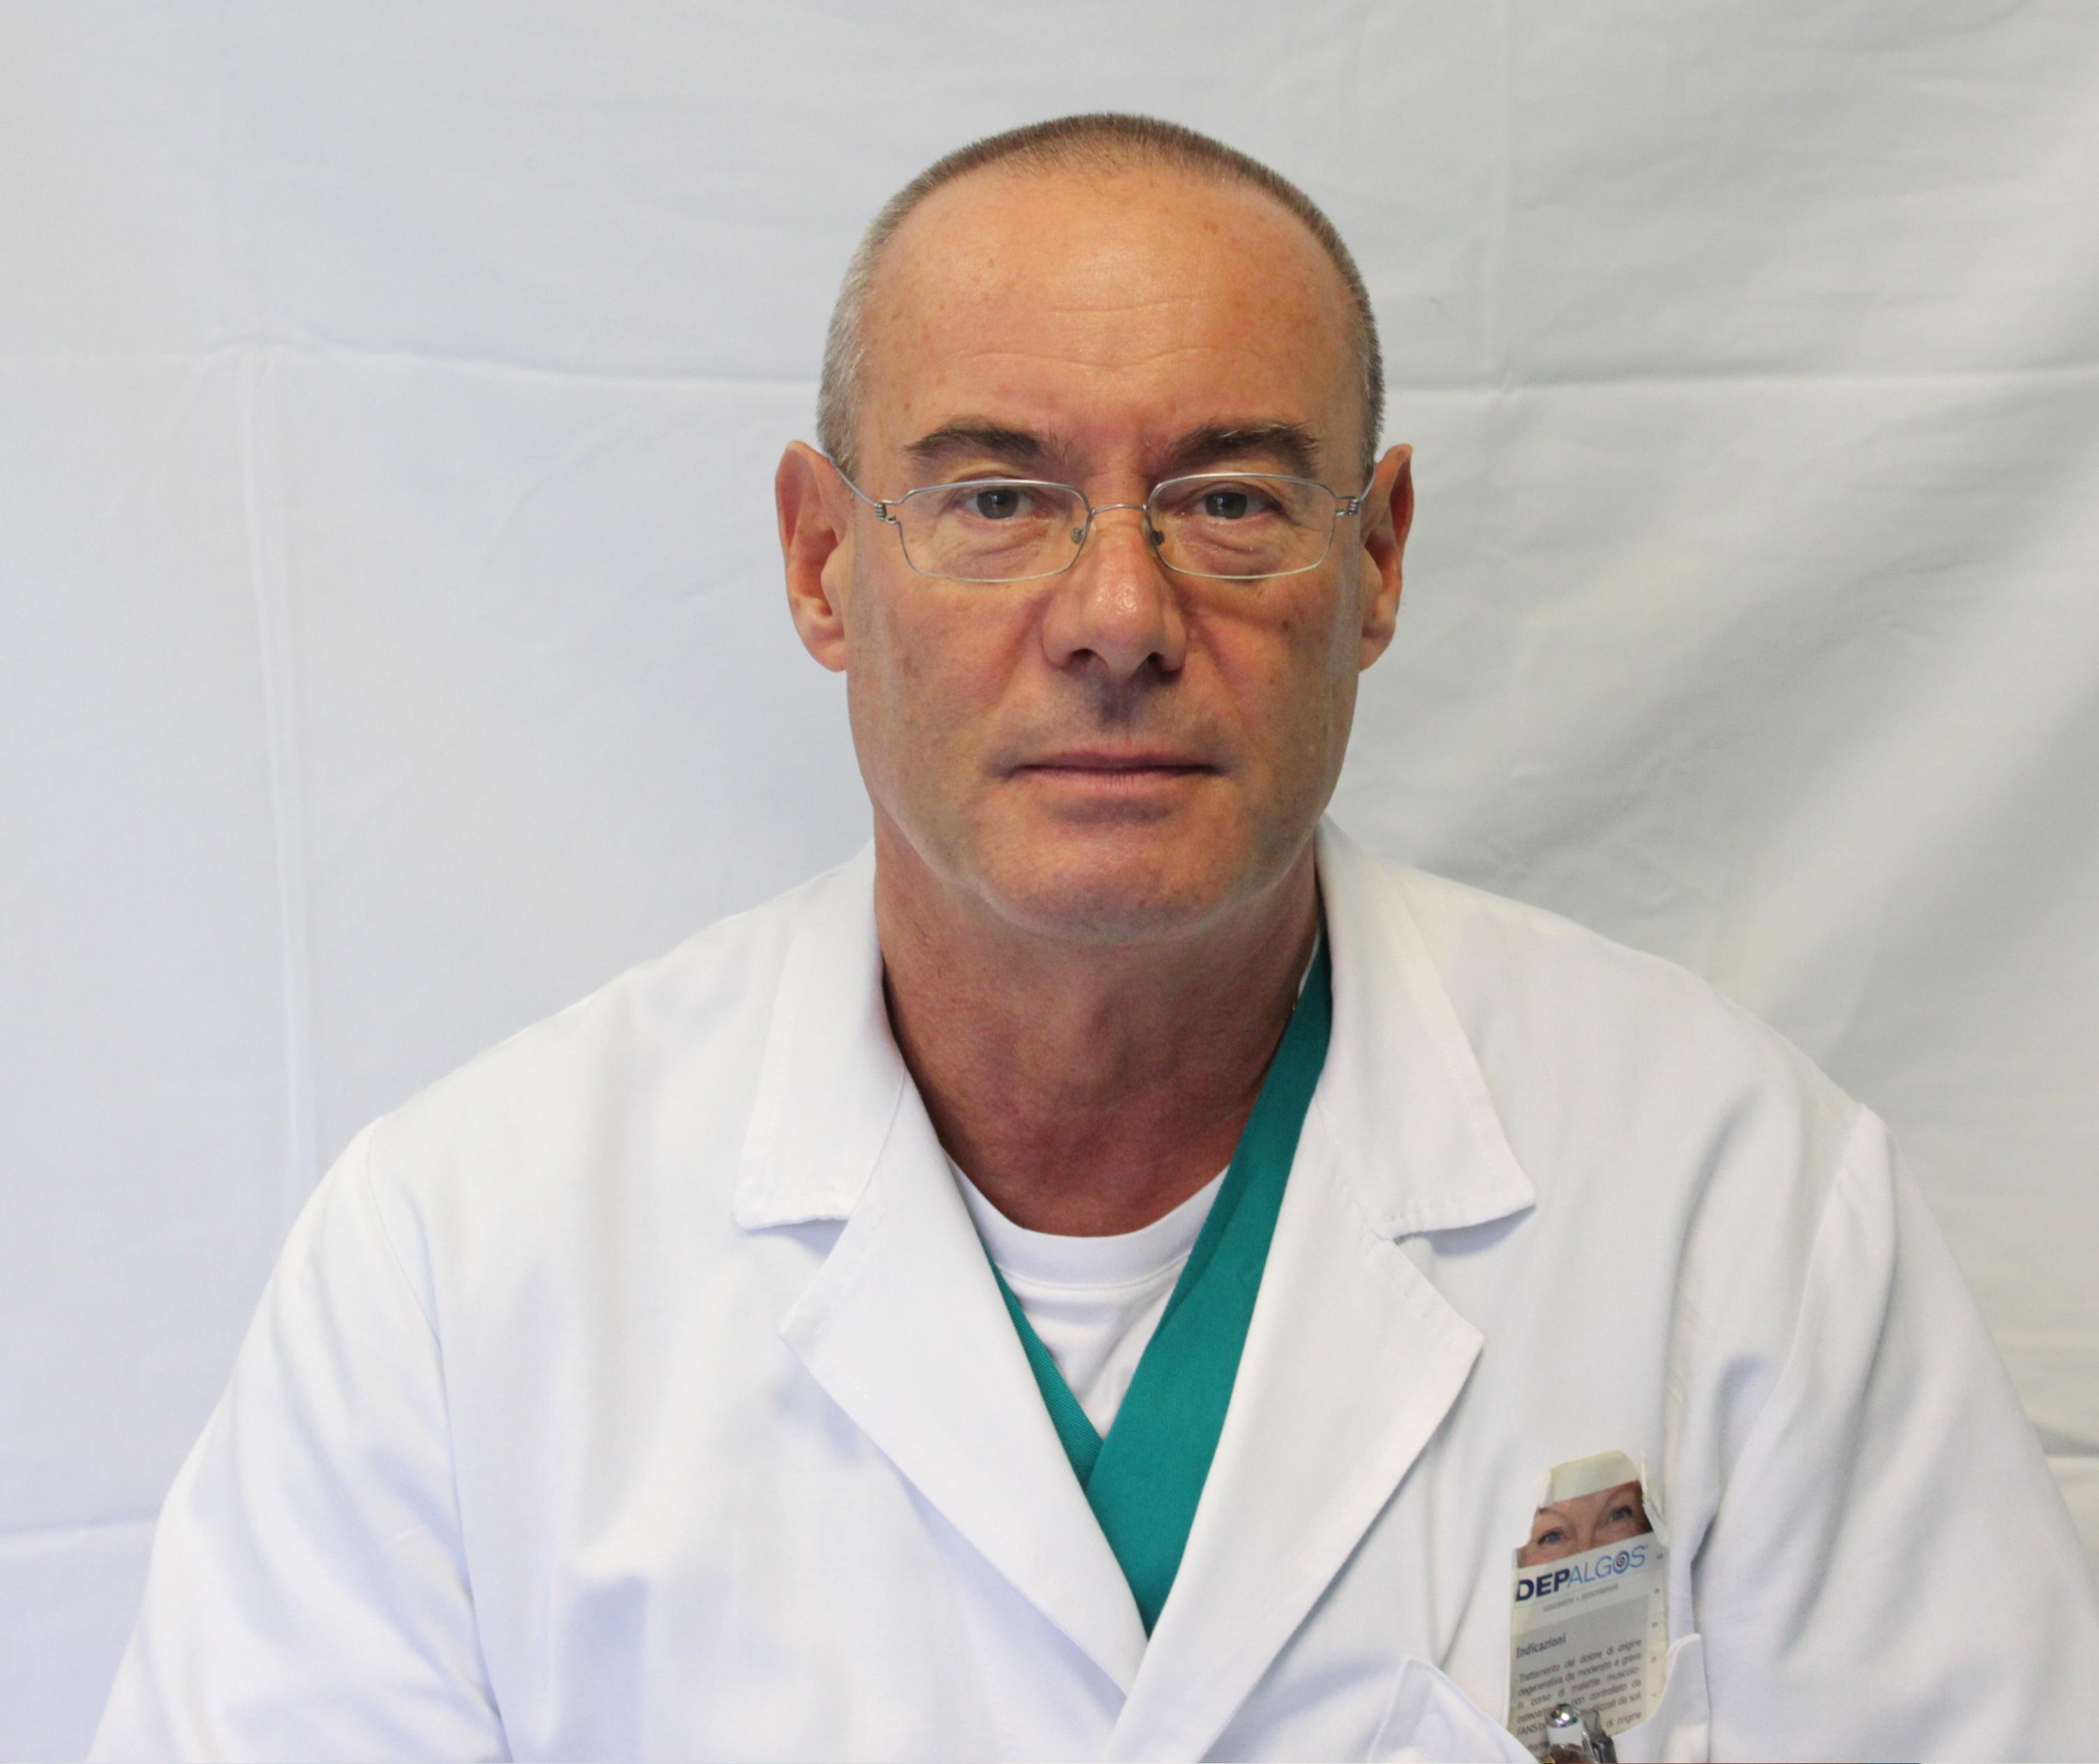 Dr. Marco Galletti